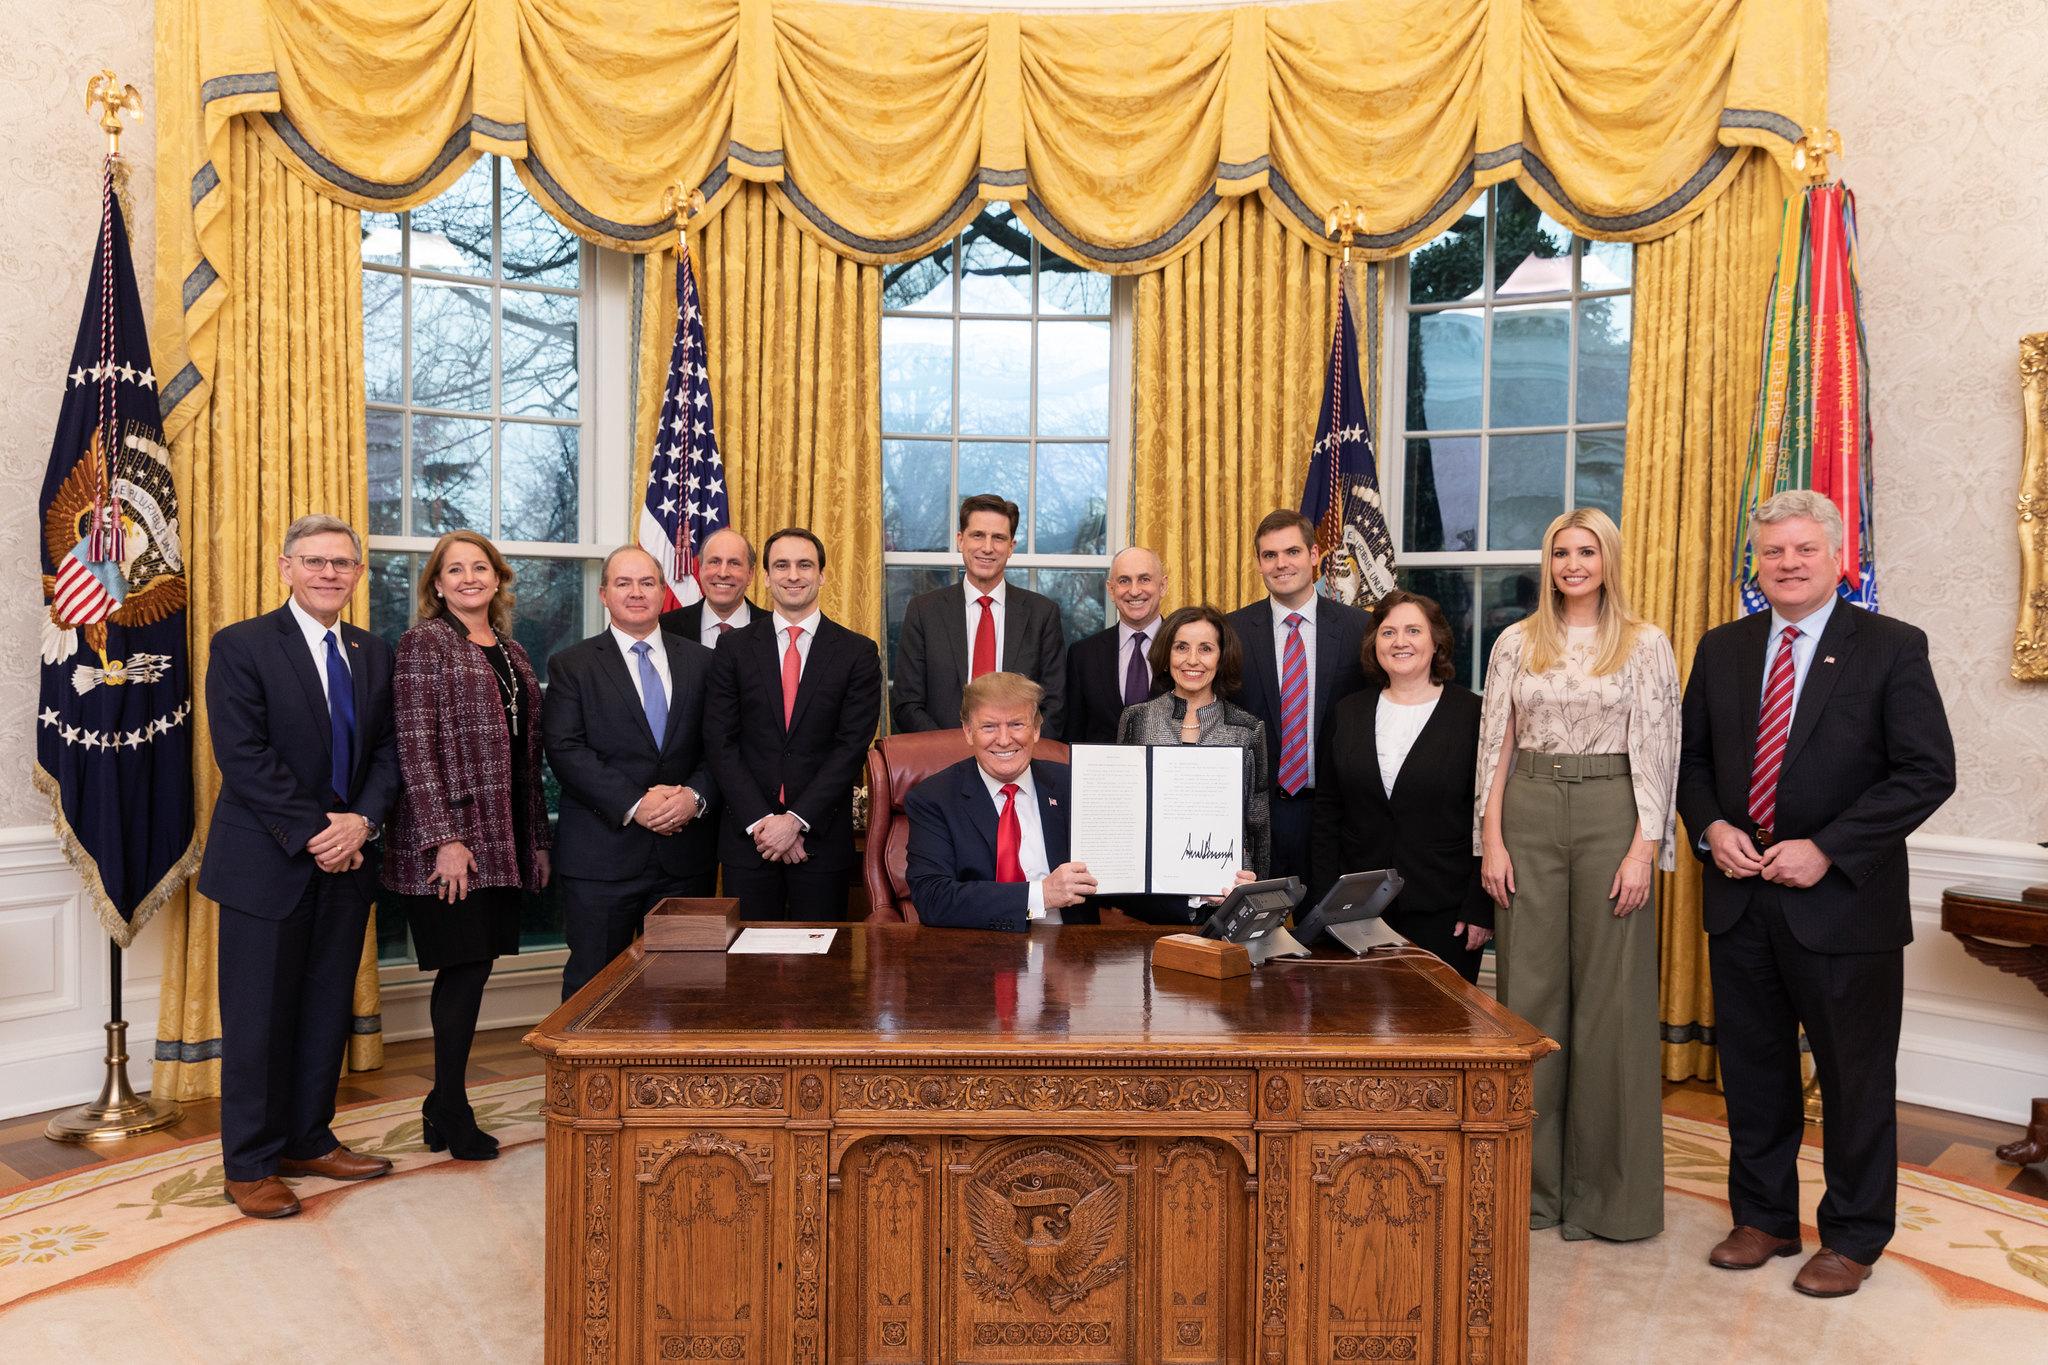 Photo by whitehouse.gov cc 1.0